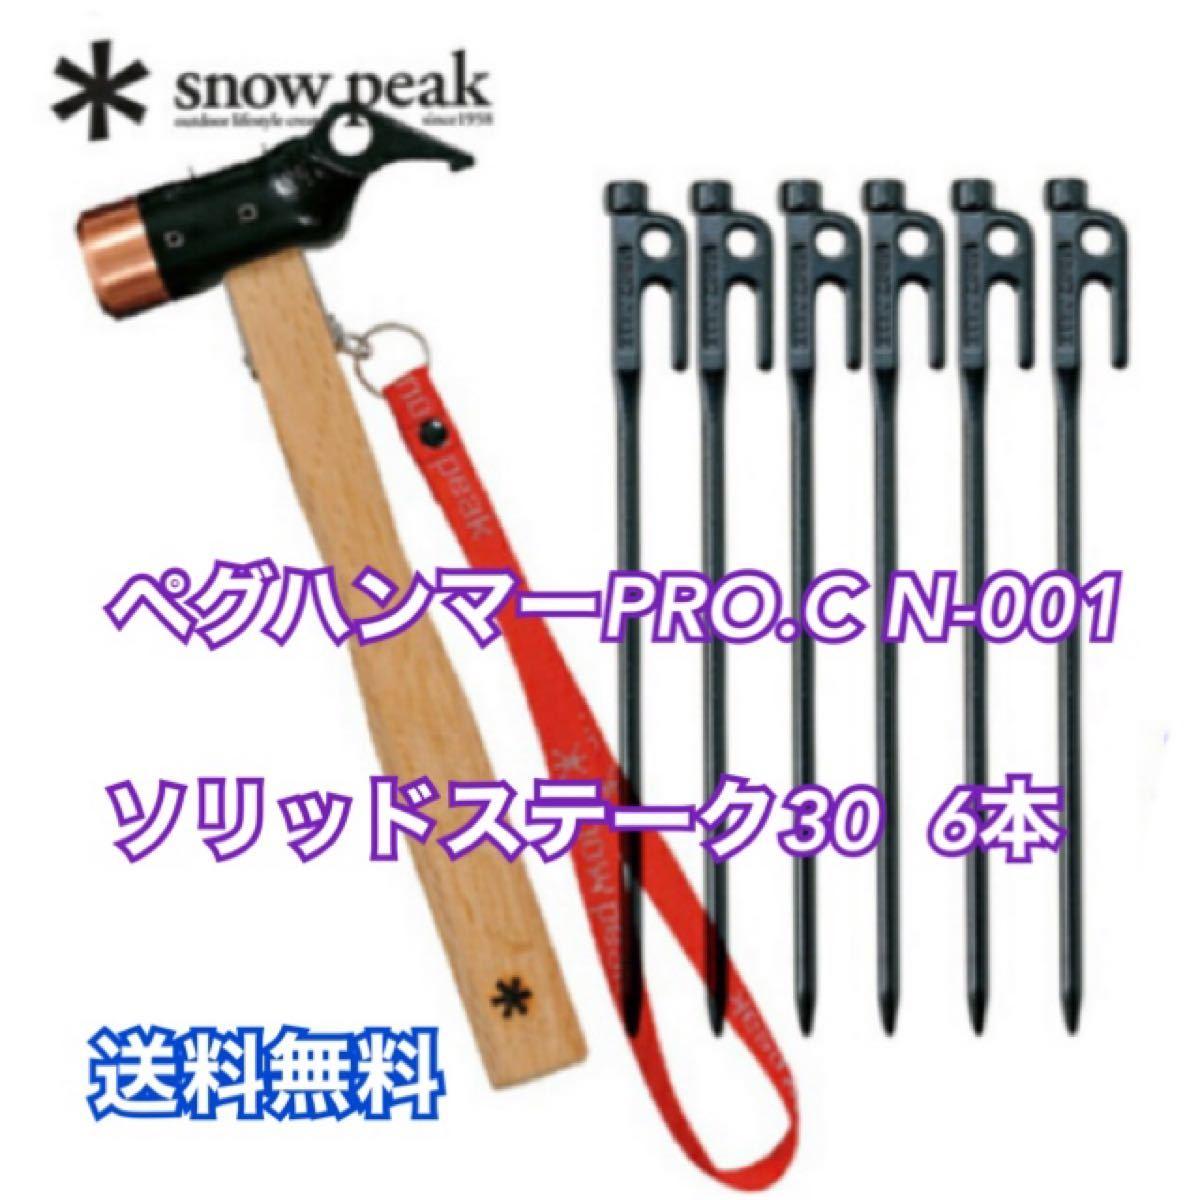 スノーピーク ペグハンマーPro.CN-001 + ソリッドステーク6本セット